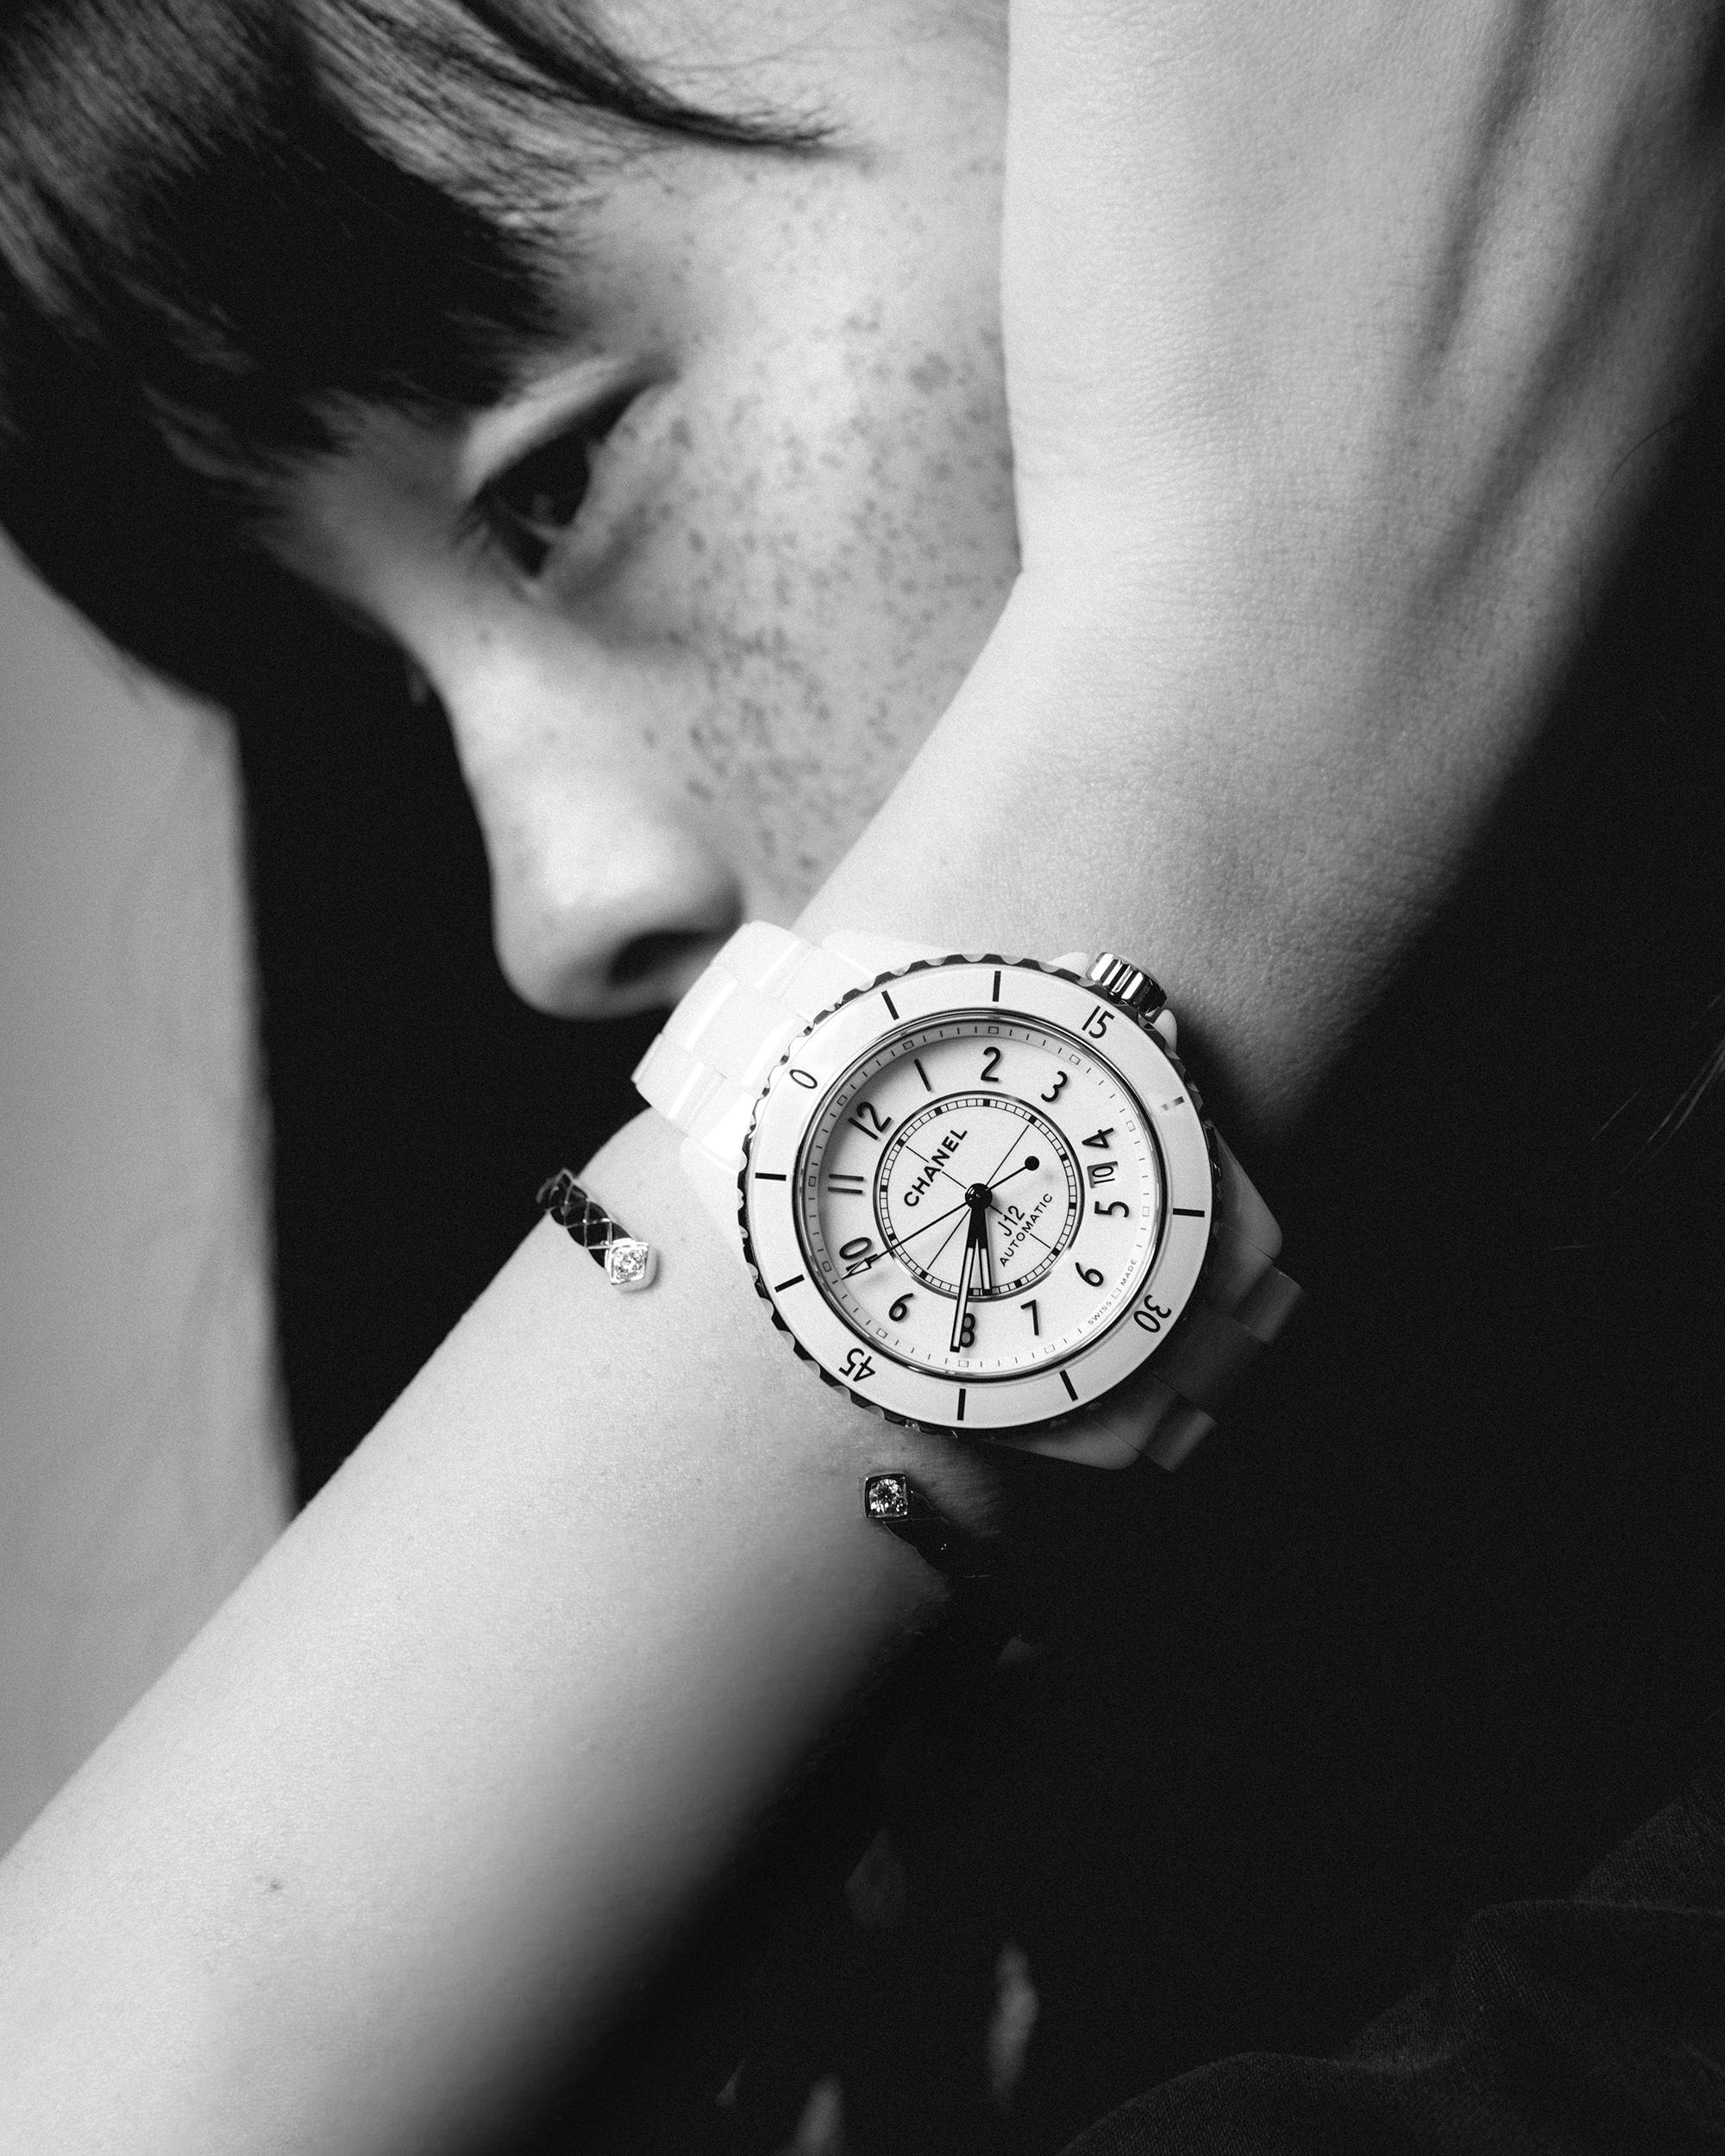 時計 (J12) ¥632,500 *6月5日発売、ブレスレット¥584,000 、共に CHANEL (シャネル)